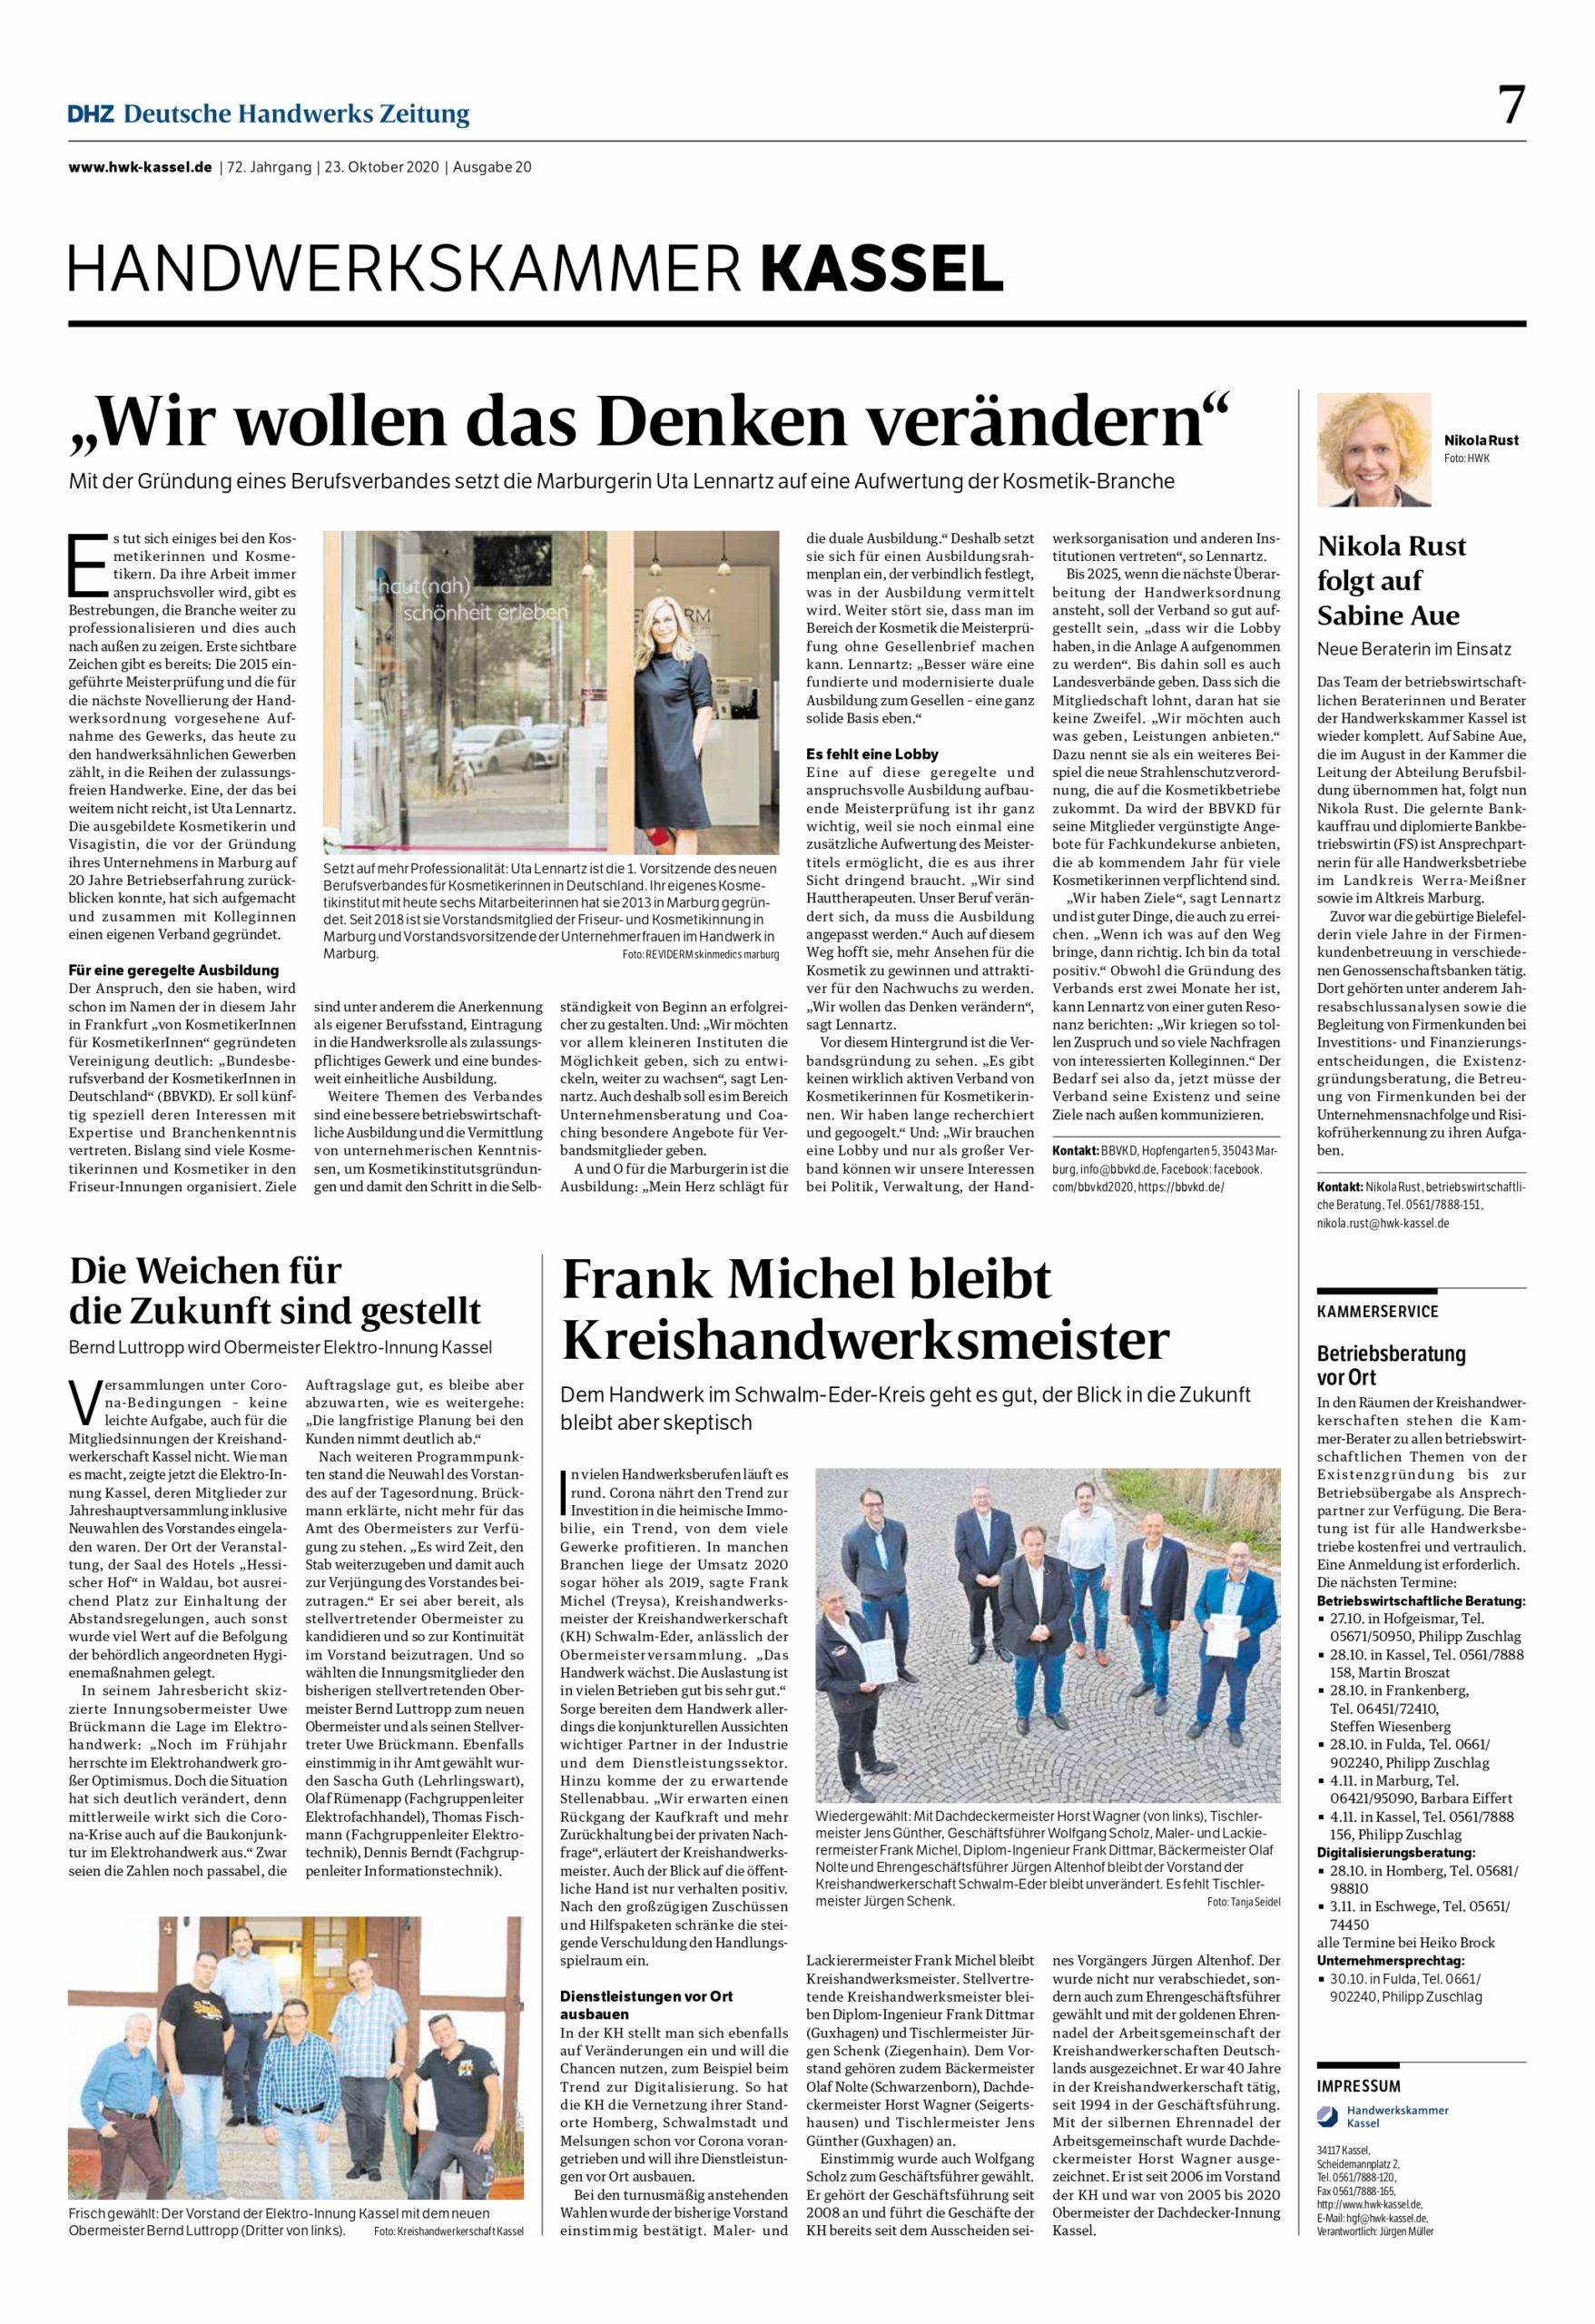 """Featured image for """"Deutsche Handwerks Zeitung vom 23.10.2020, Ausgabe 20, Oktober"""""""